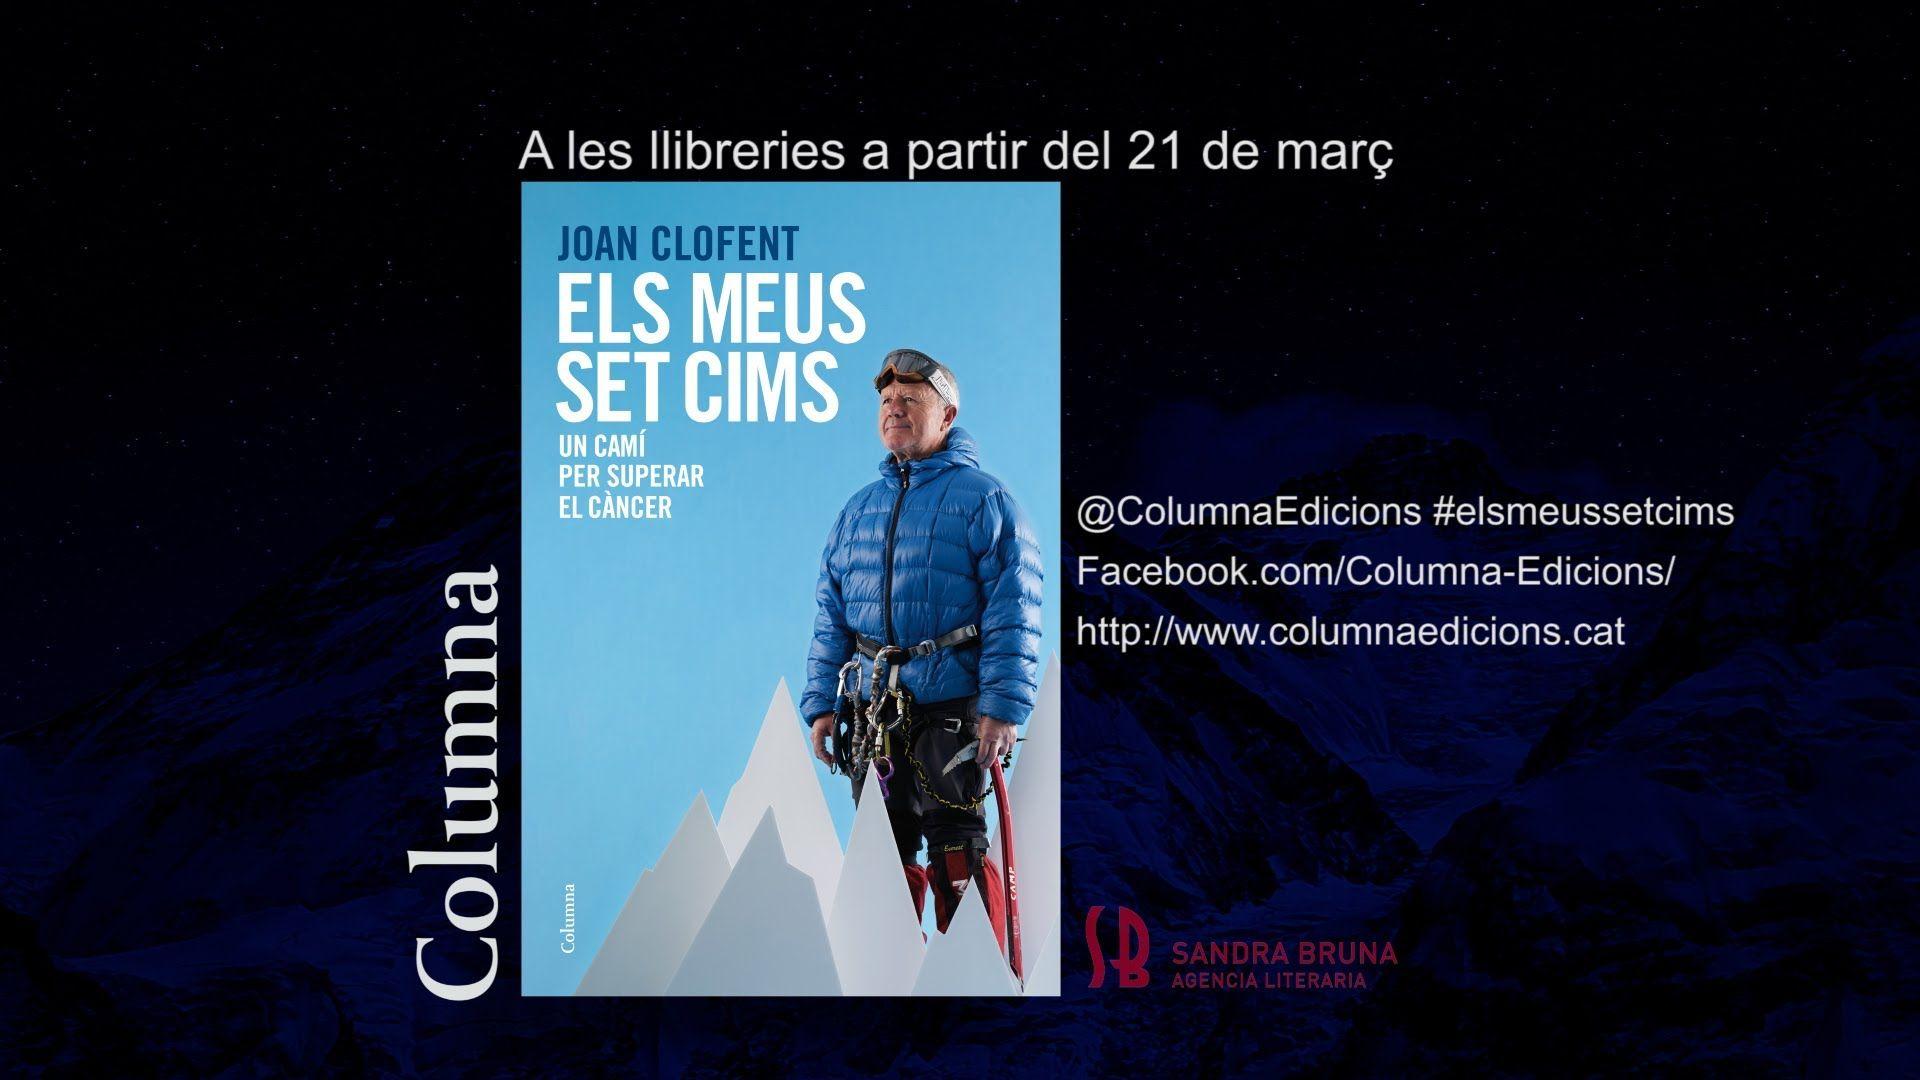 """Trailer del documental """"Els meus Set Cims, un camí per superar el càncer"""", basado en el libro con el mismo nombre."""